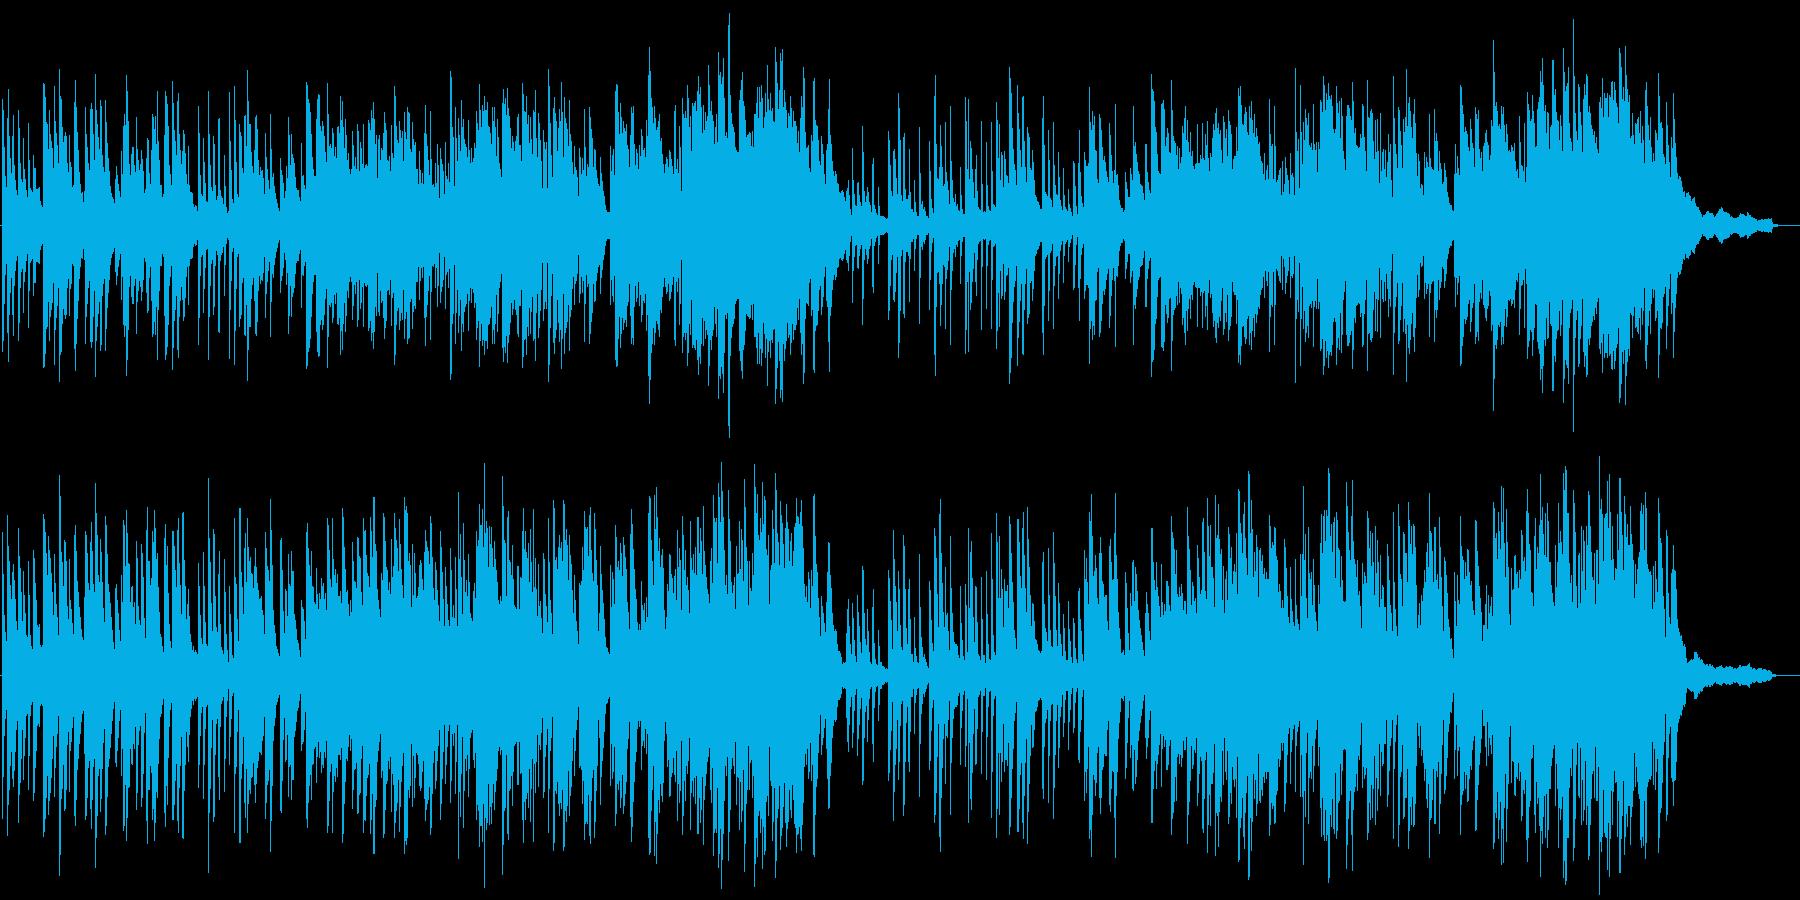 映像向け 落ちついた雰囲気のピアノソロの再生済みの波形